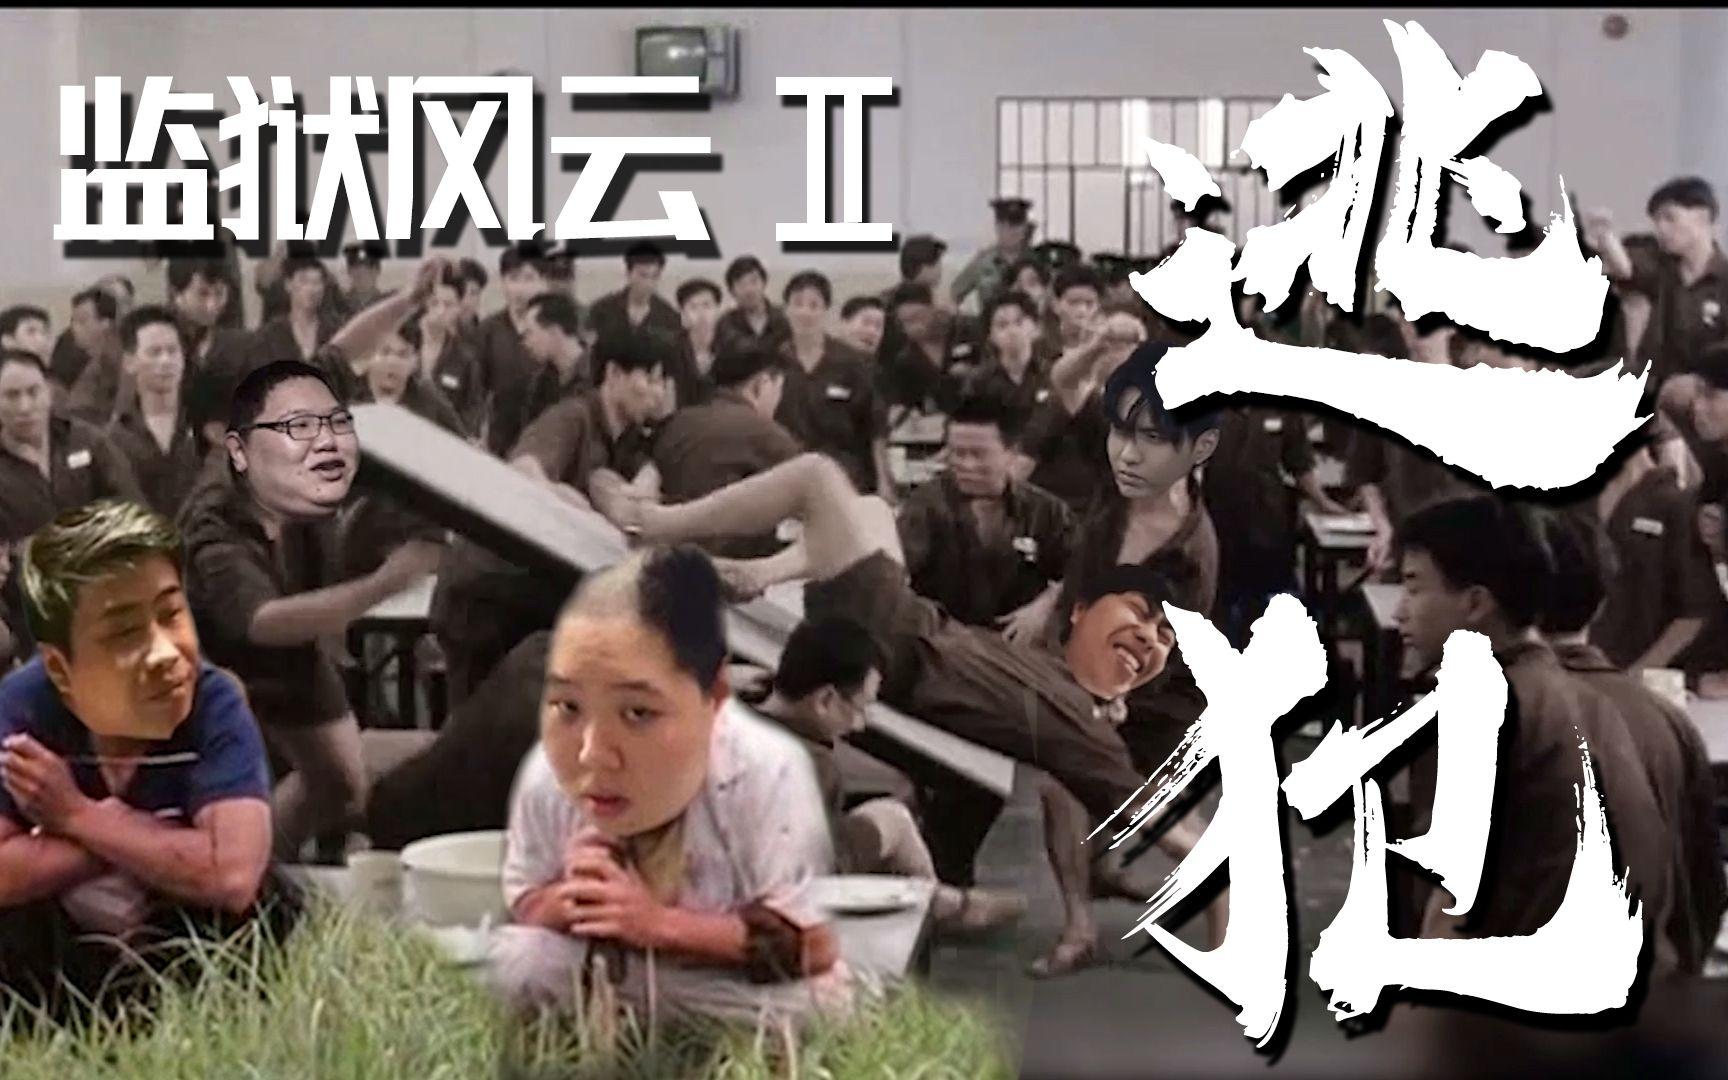 【經典老番】監獄風云II:逃犯_嗶哩嗶哩 (゜-゜)つロ 干杯~-bilibili